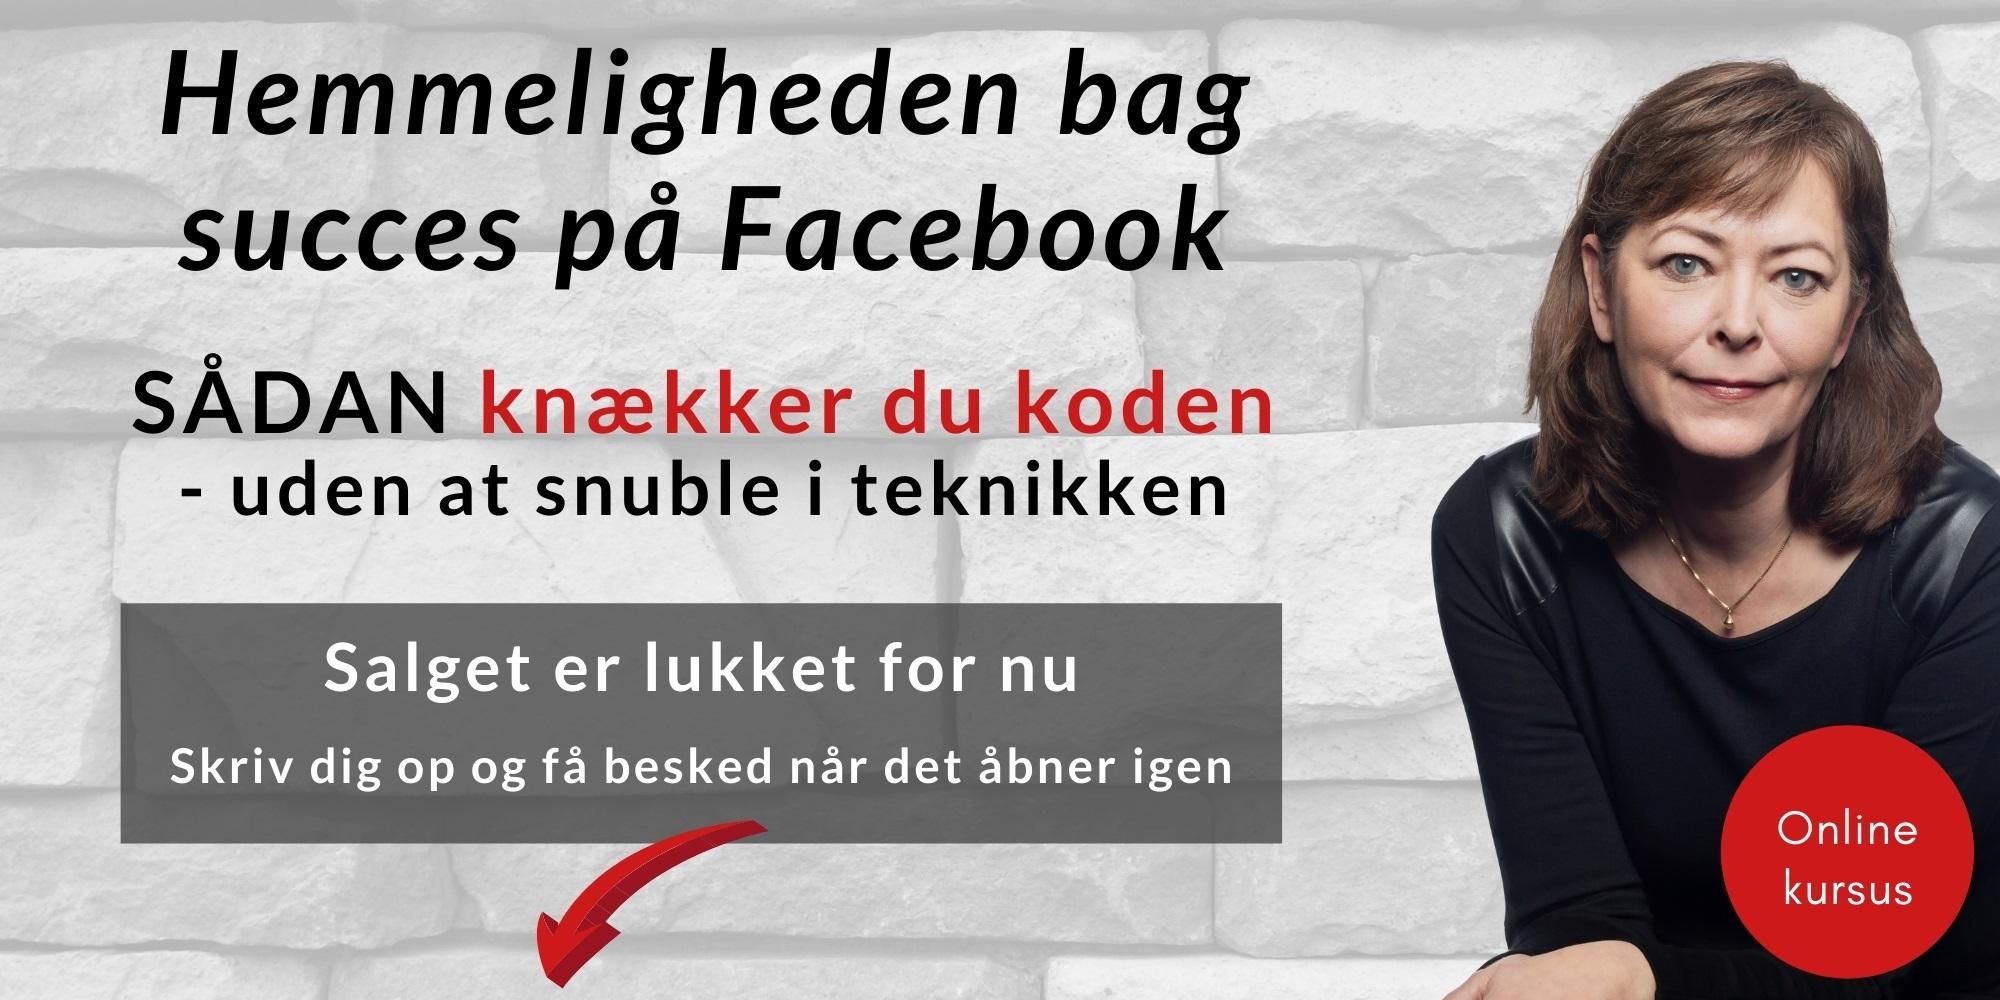 Hemmeligheden bag succes på Facebook